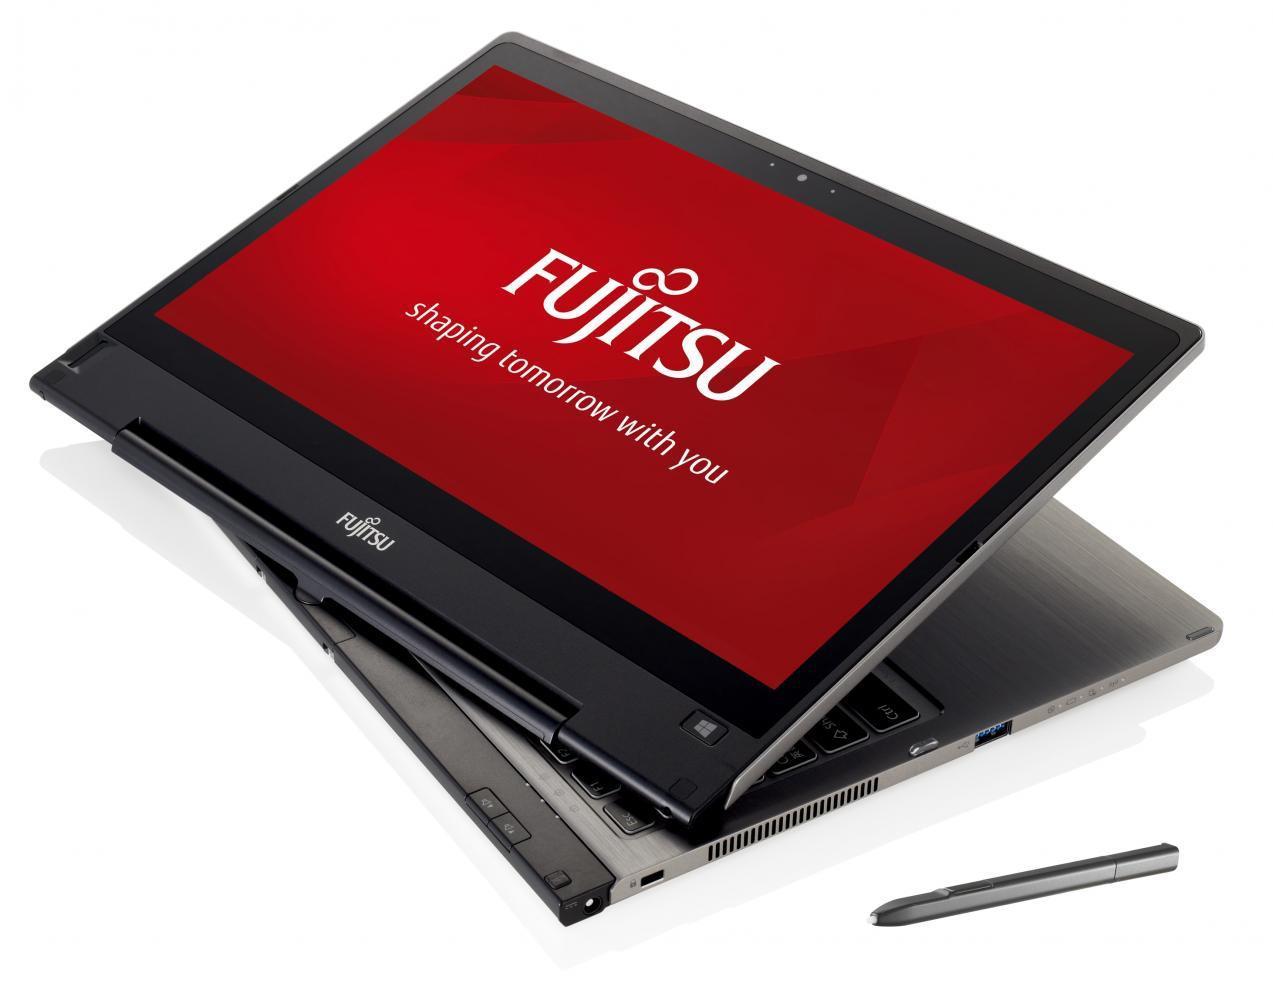 Рис. 8. Мощный планшет Fujitsu STYLISTIC Q704 3G на процессоре Core i5.